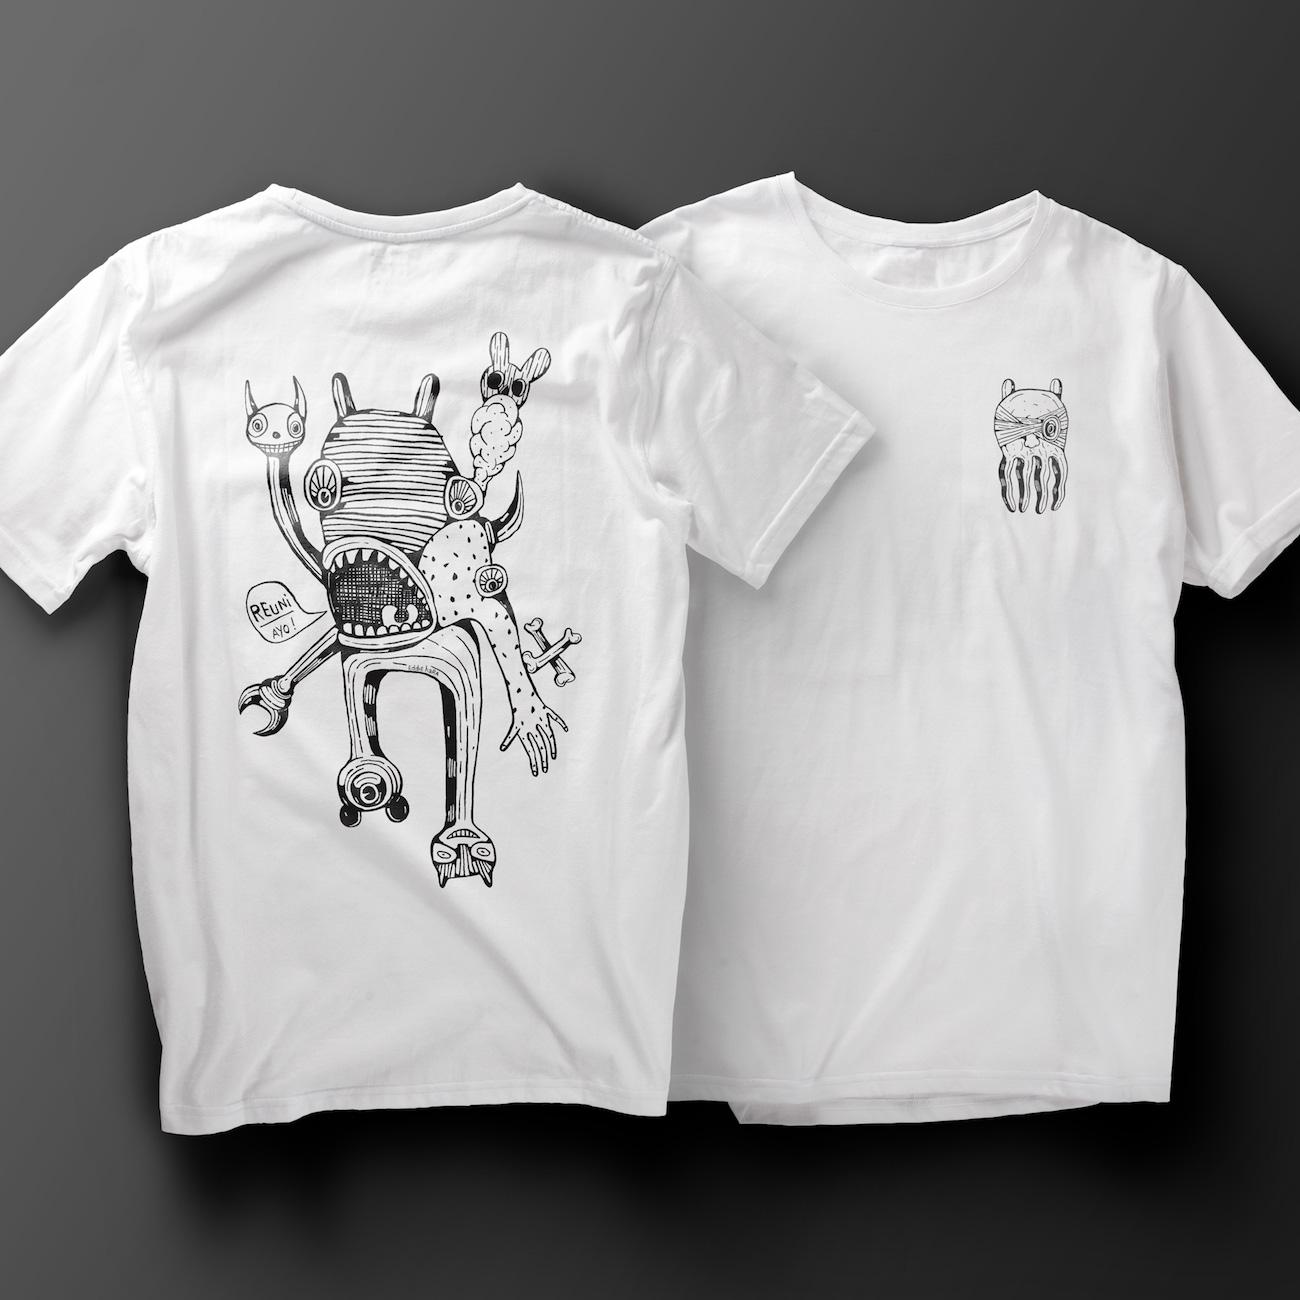 Eddie Hara T-Shirt mit Illustration zugute von Studio Clash